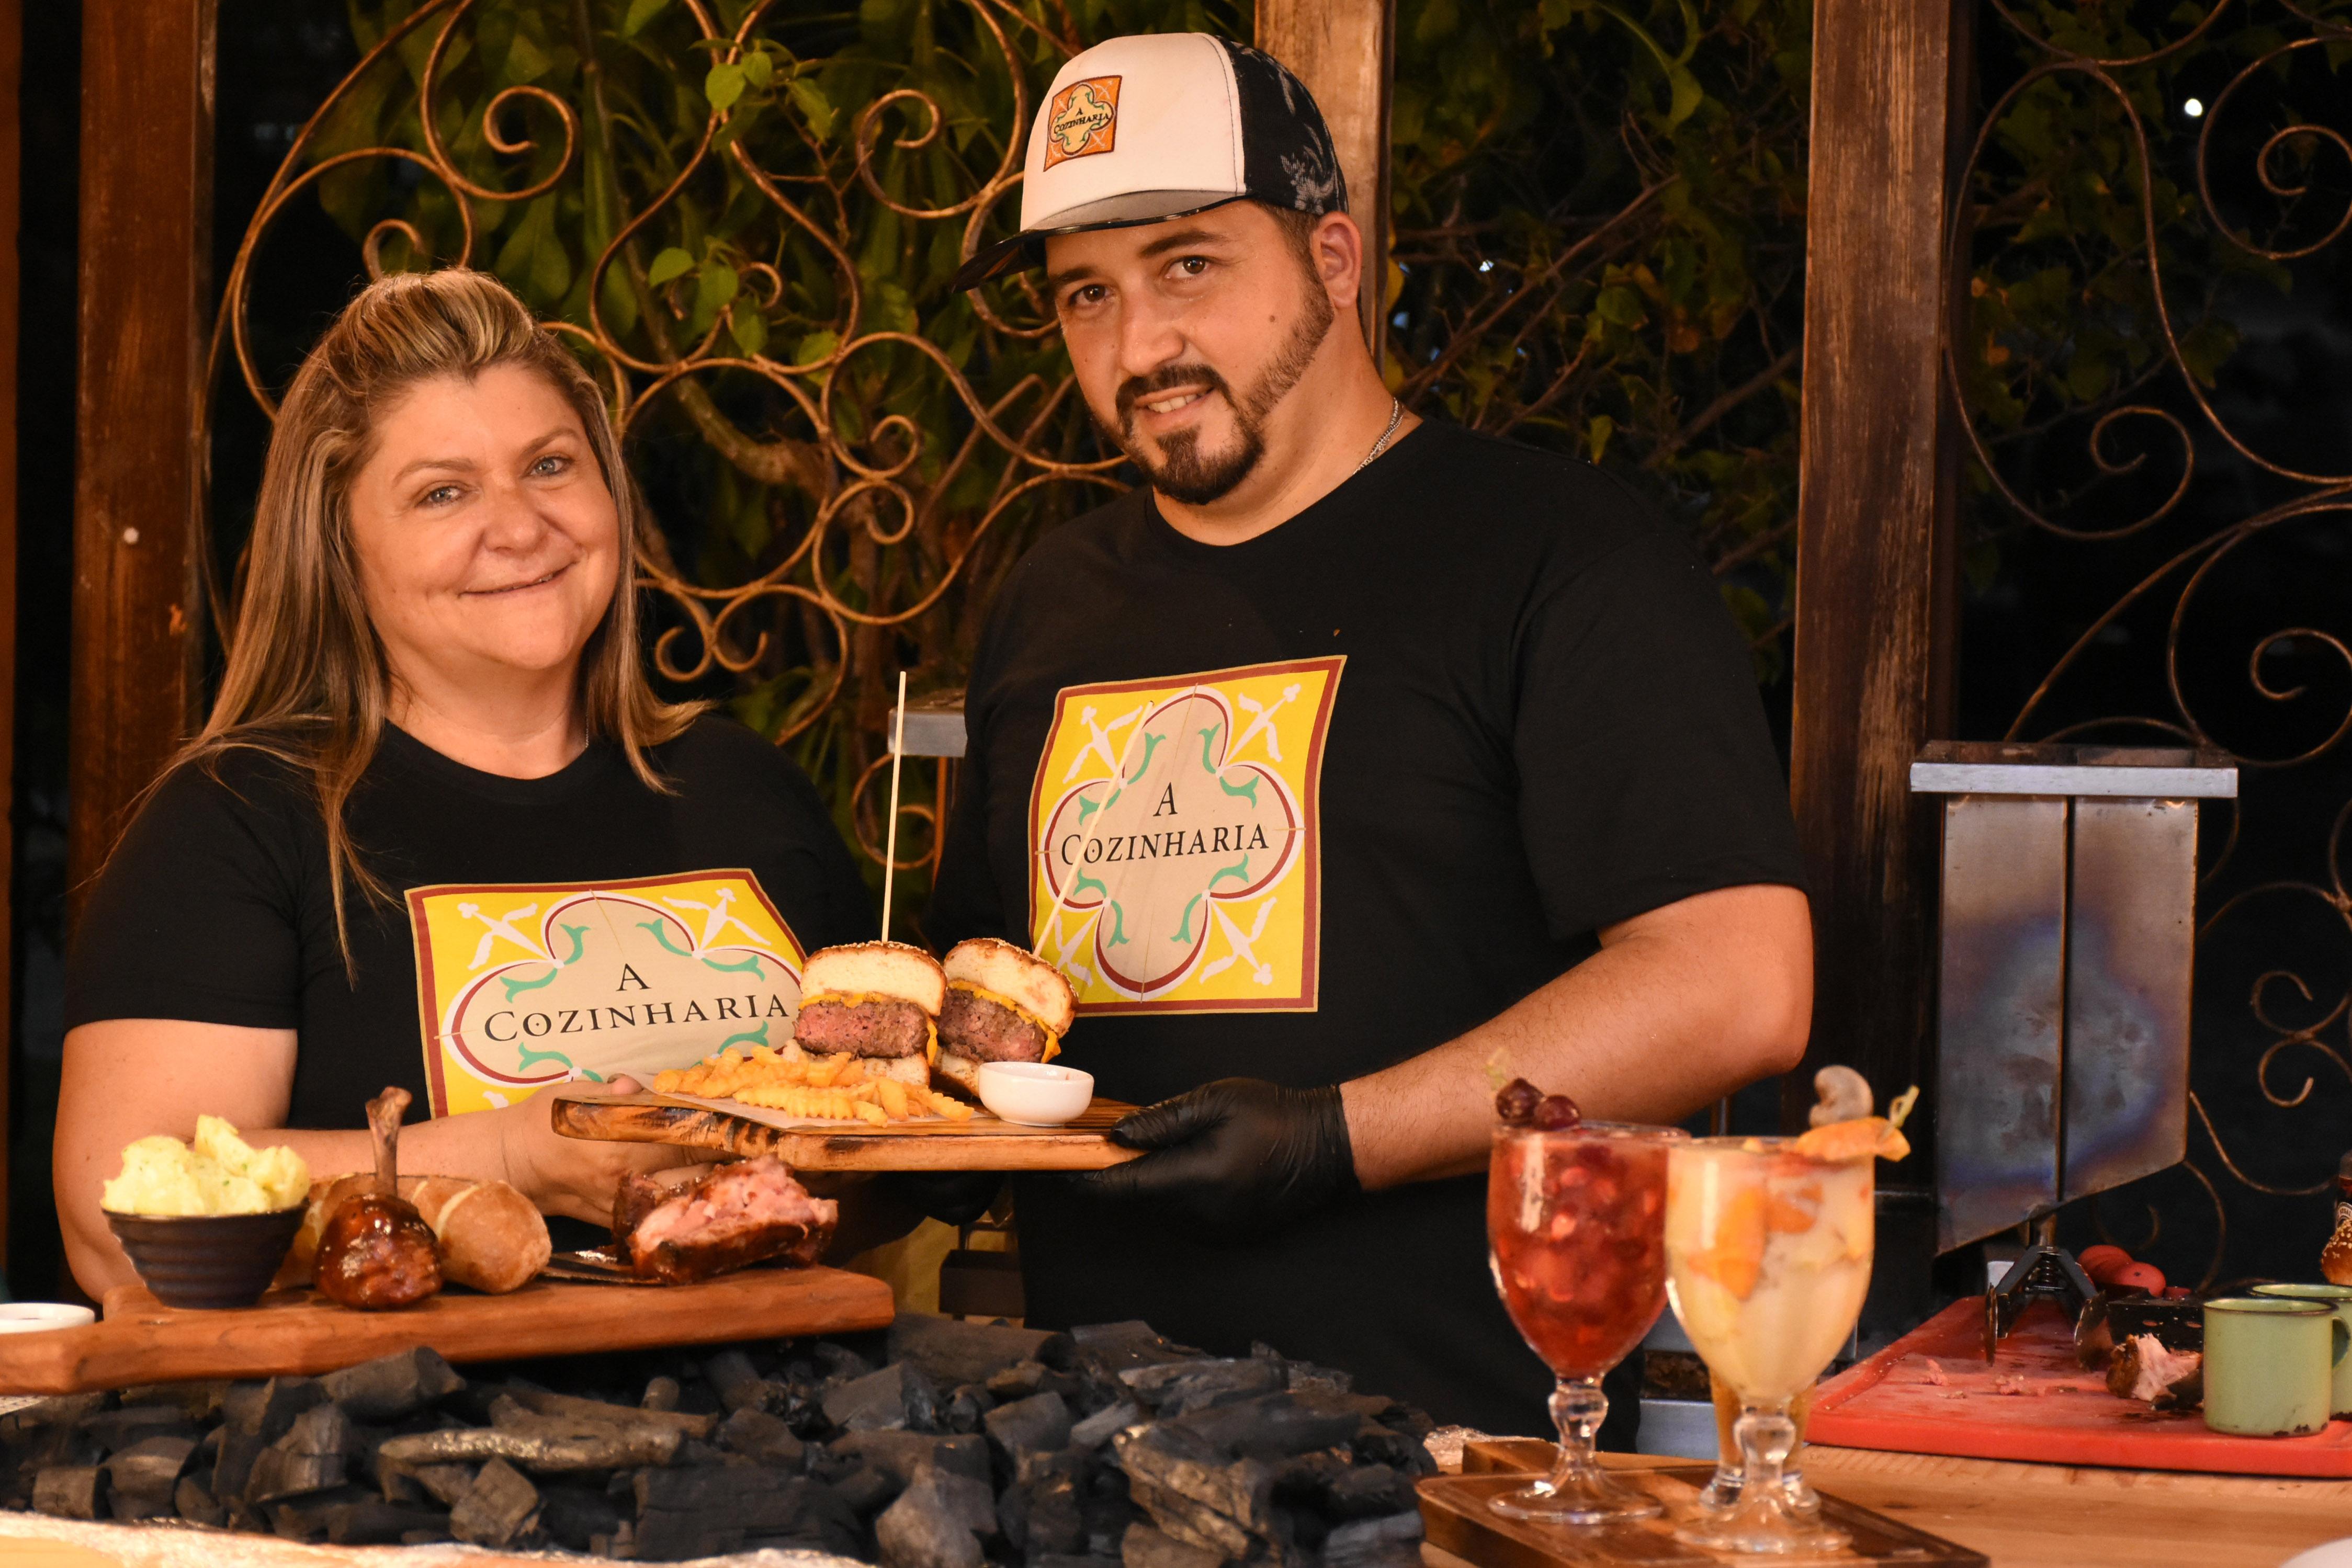 Cacau e Gabriel buscaram especialização nas artes das carnes, fazendo cursos e aplicando técnicas